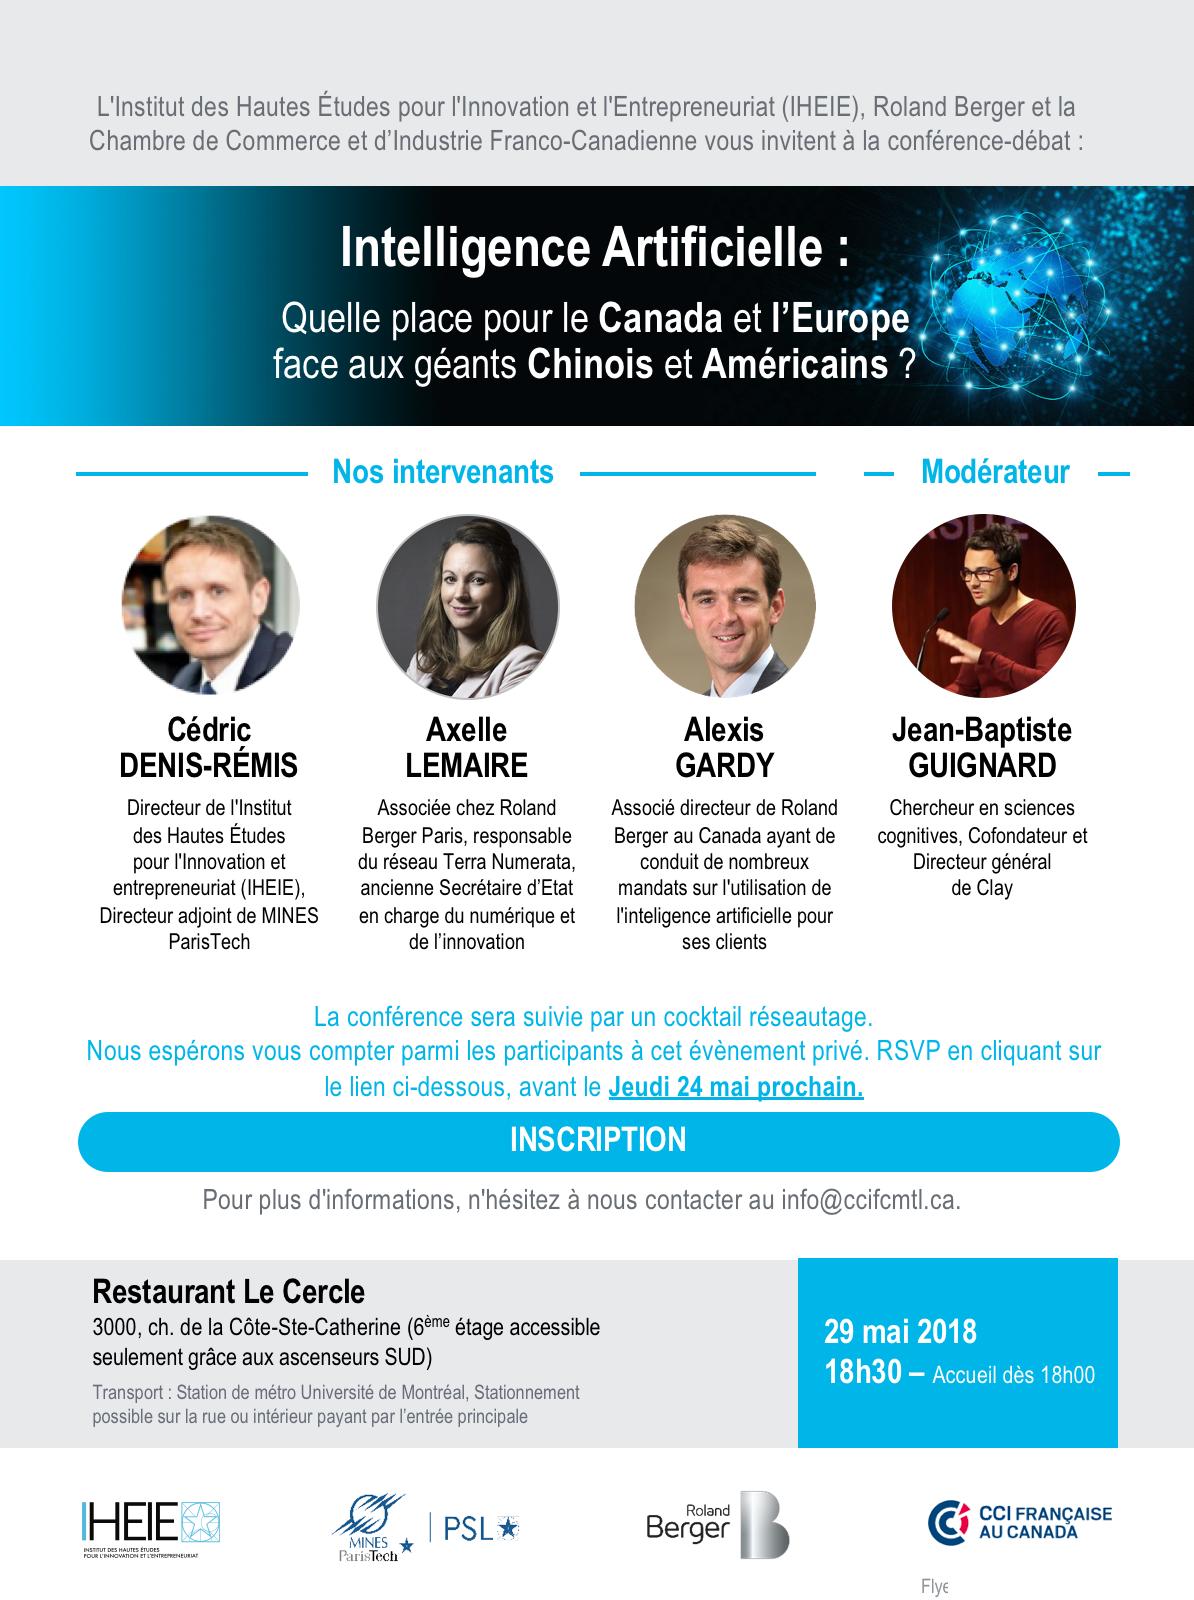 Intelligence Artificielle : Quelle place pour le Canada et l'Europe face aux géants Chinois et Américains ?